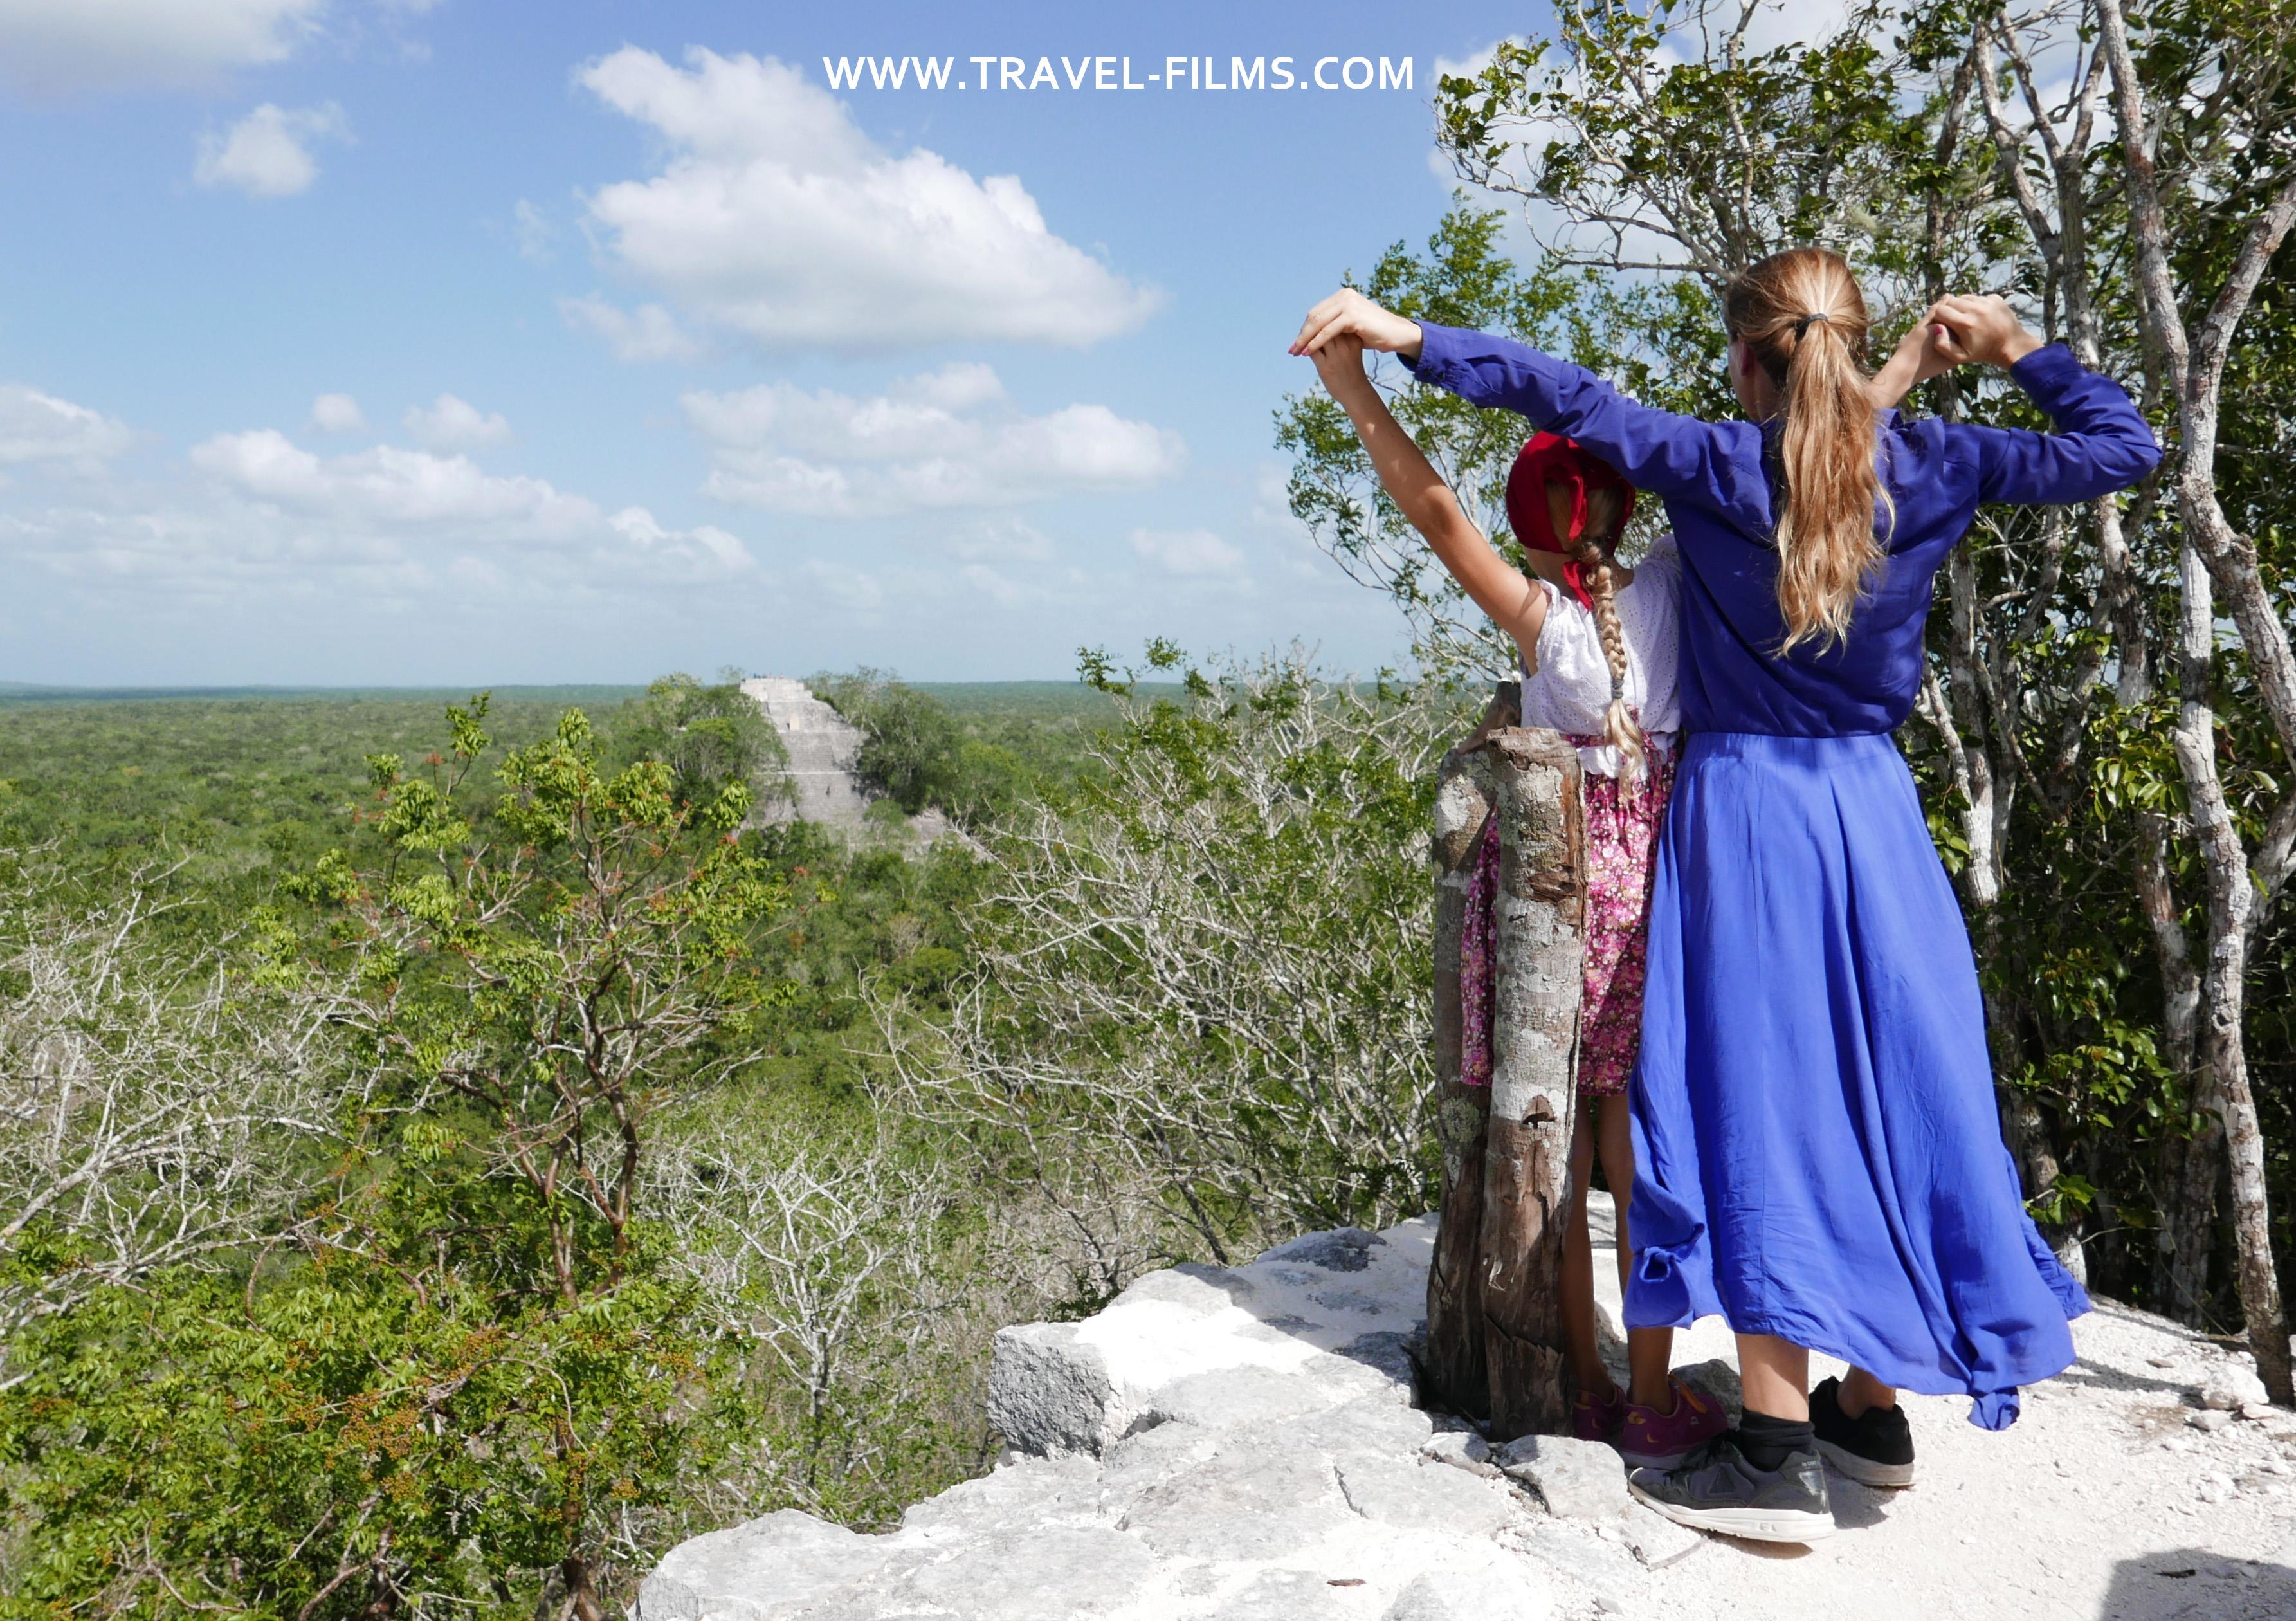 Calakmul Pyramids Mexico travel films bogdanova